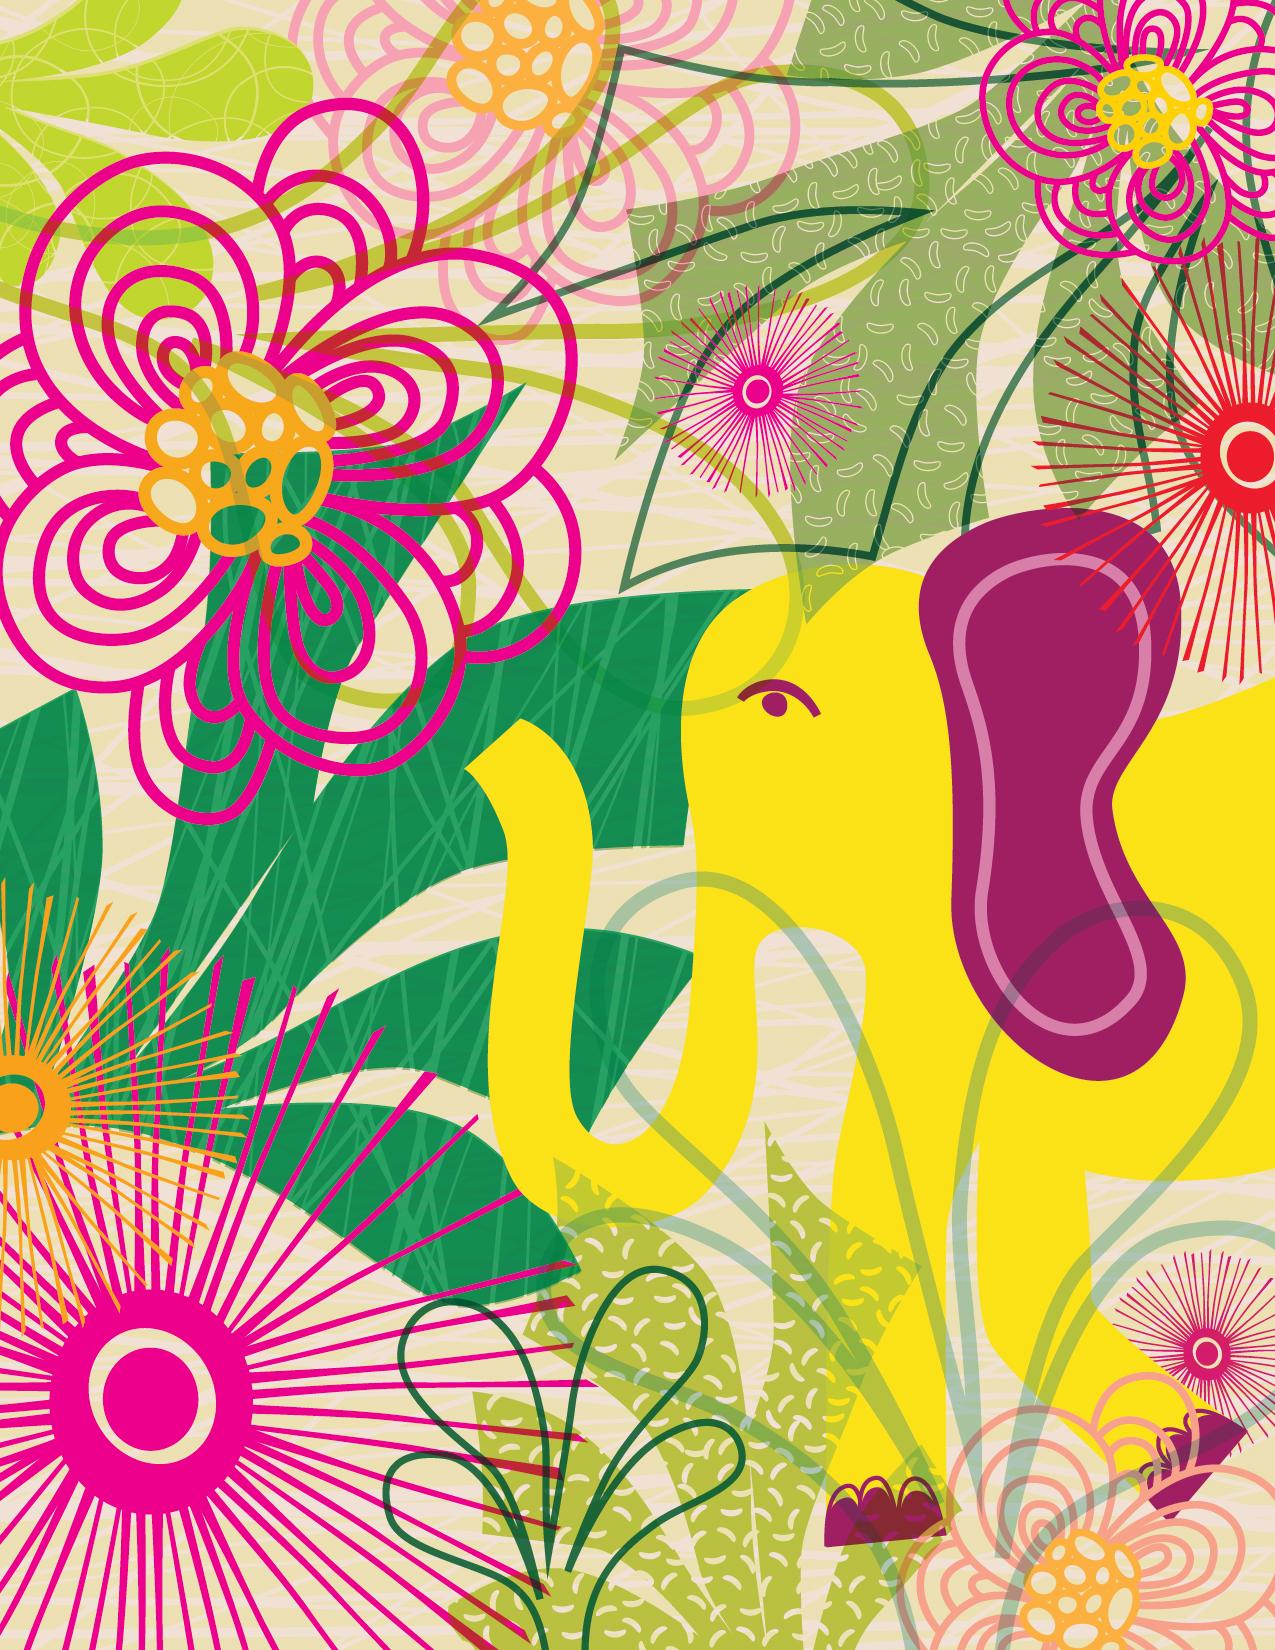 Herbie the Elephant by Bryna Shields